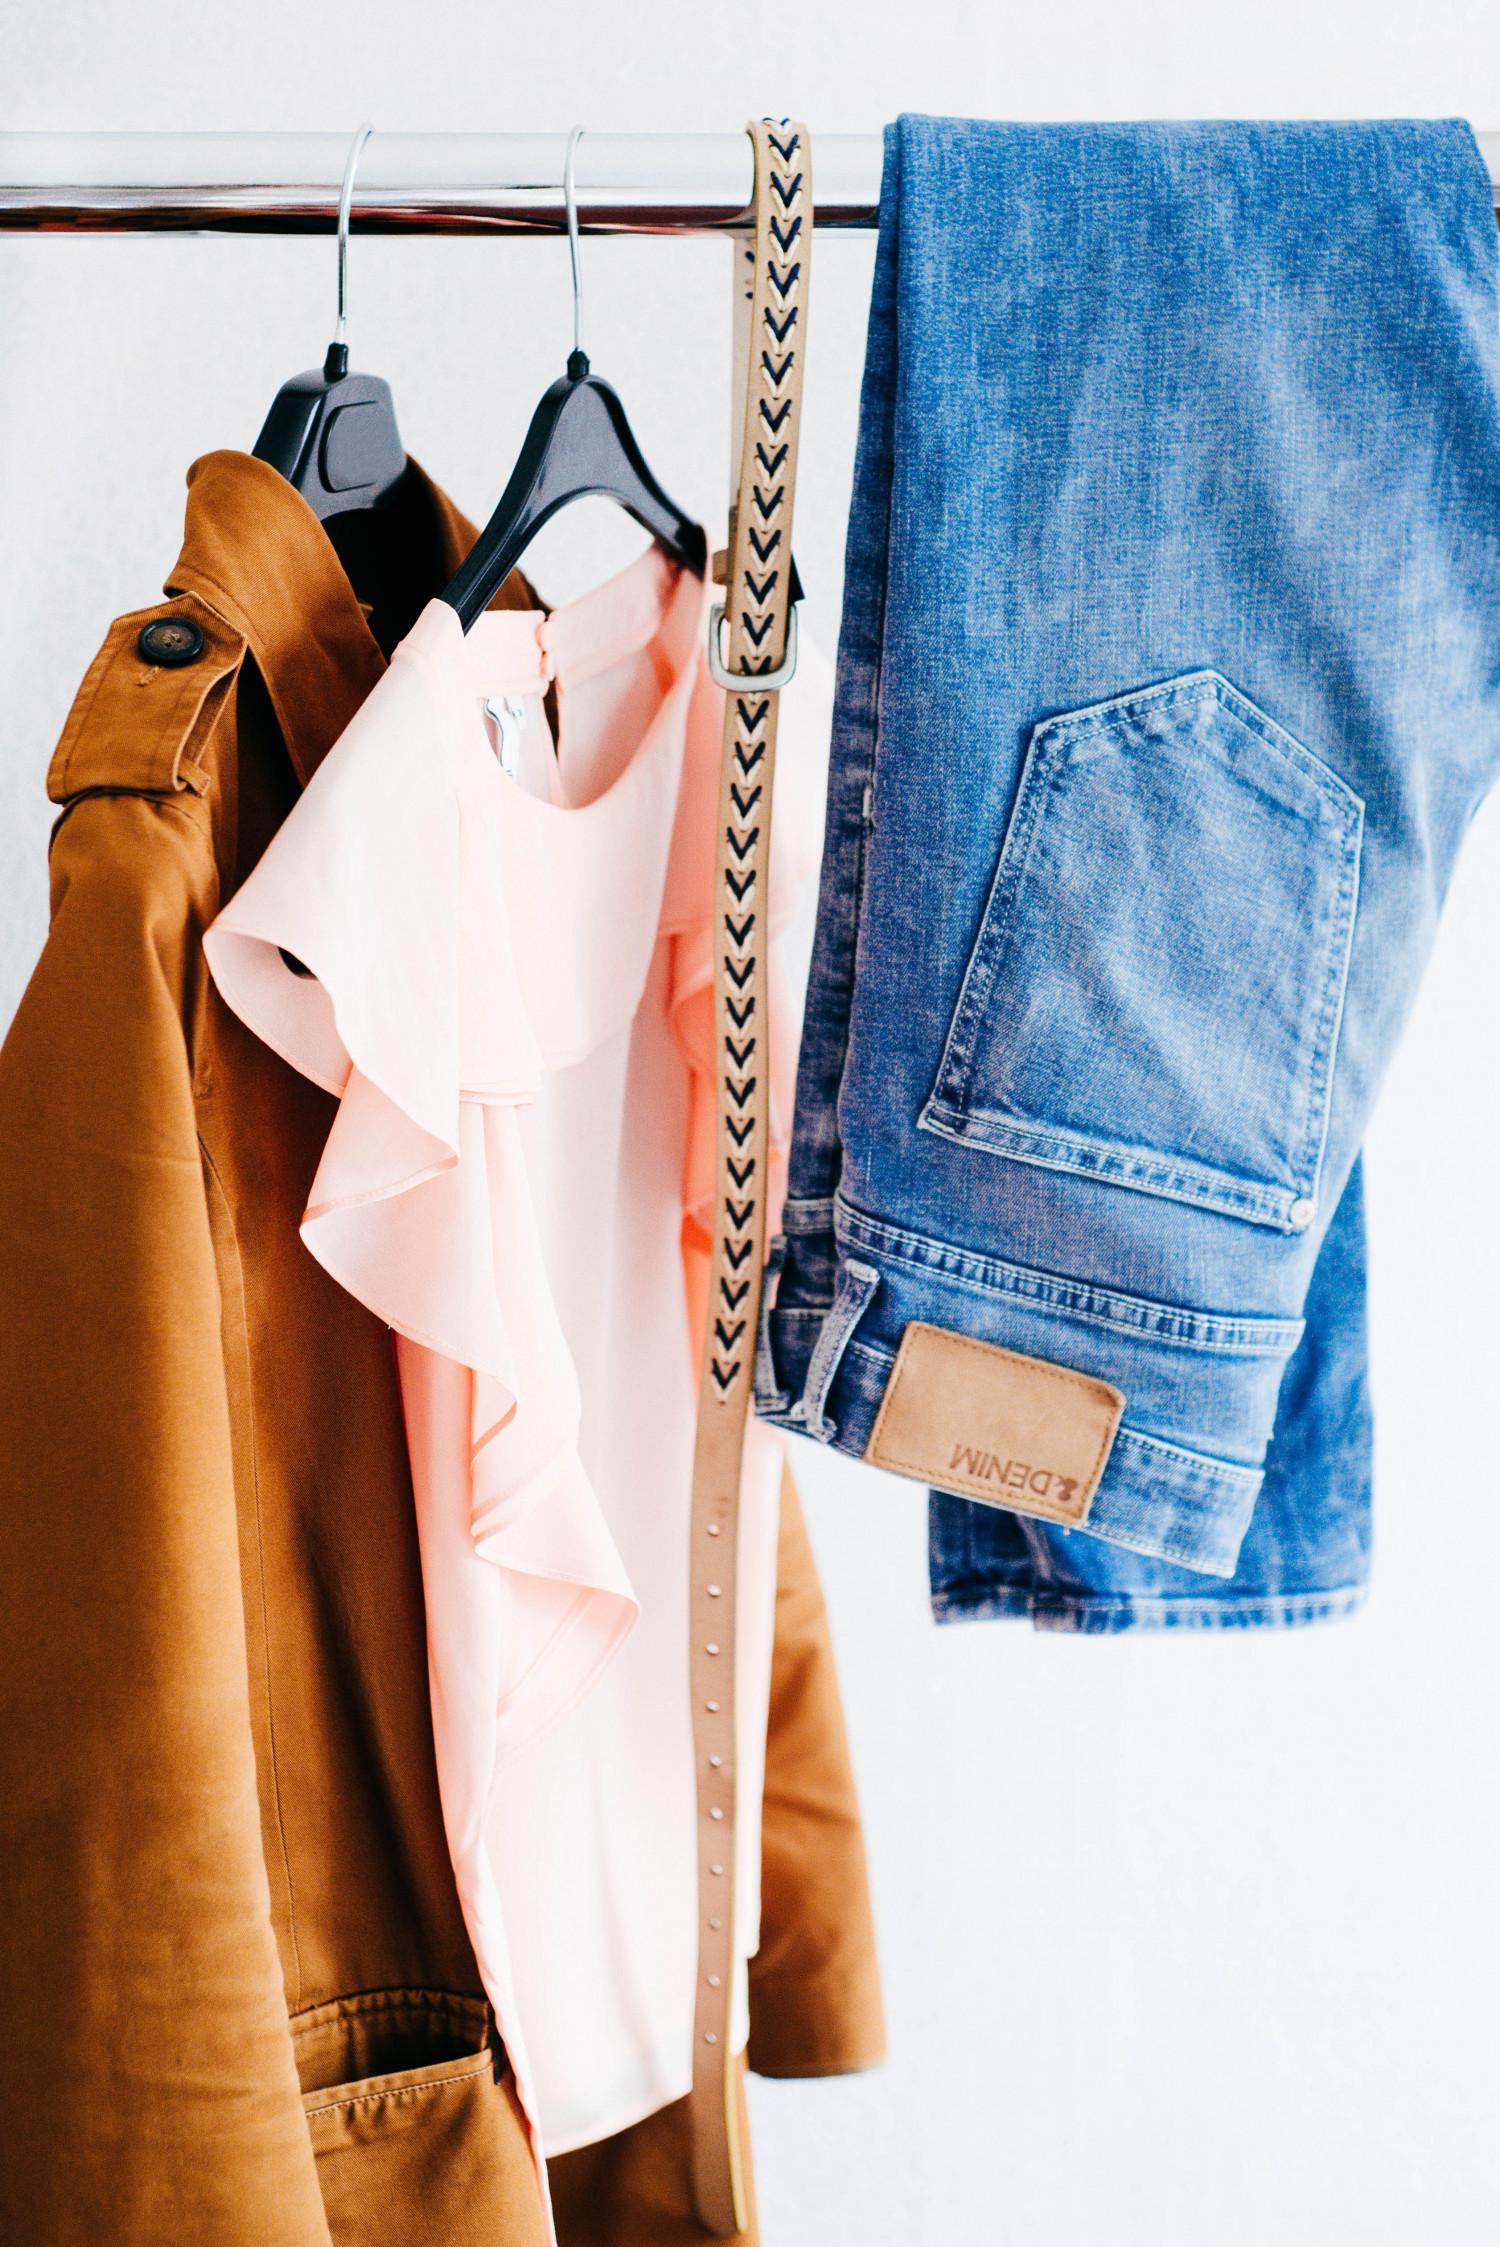 Billede af billigt tøj.